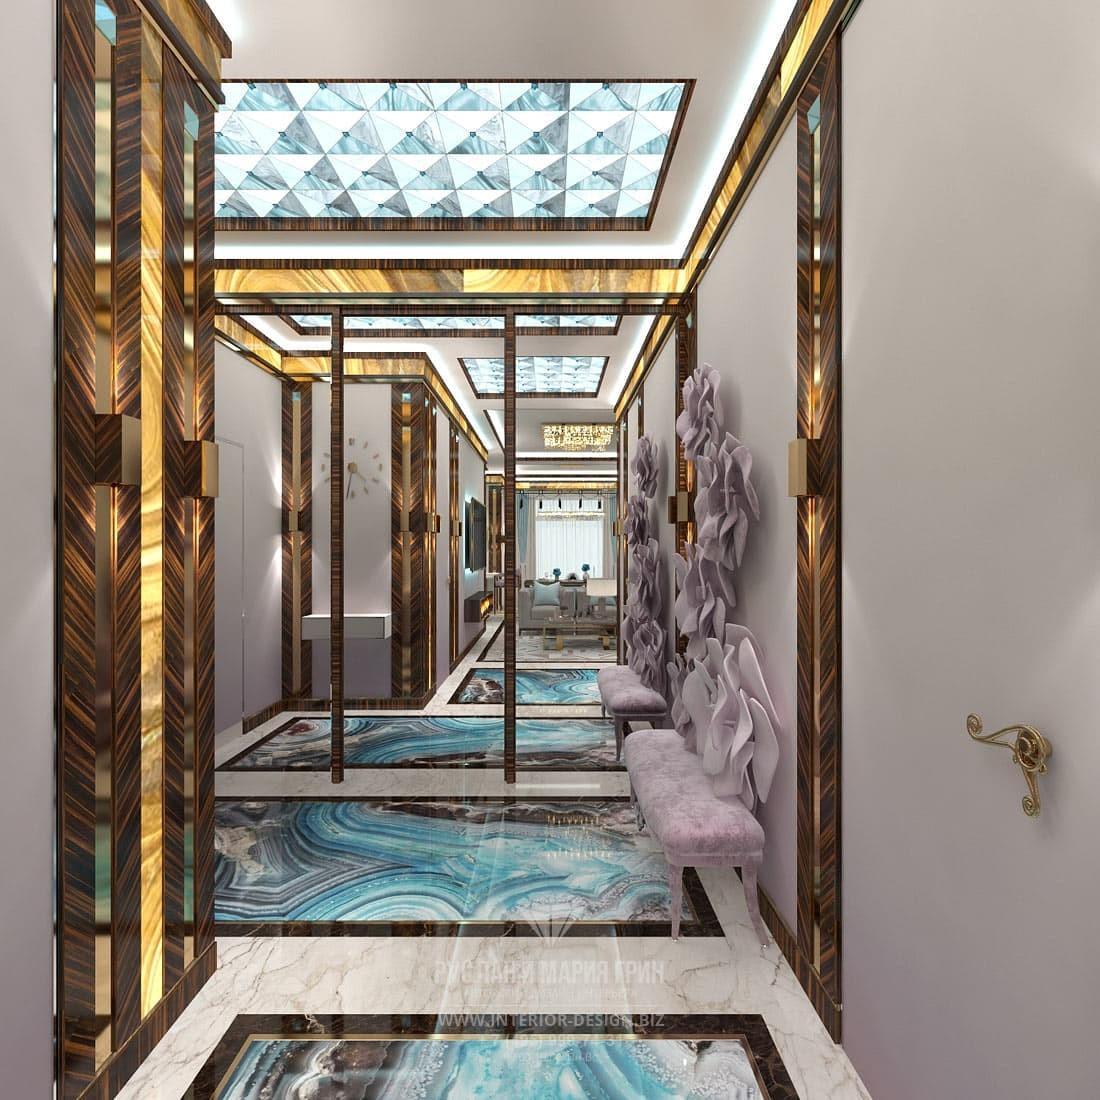 Дизайн элитного загородного дома в стиле арт-деко – коридор с мраморным полом